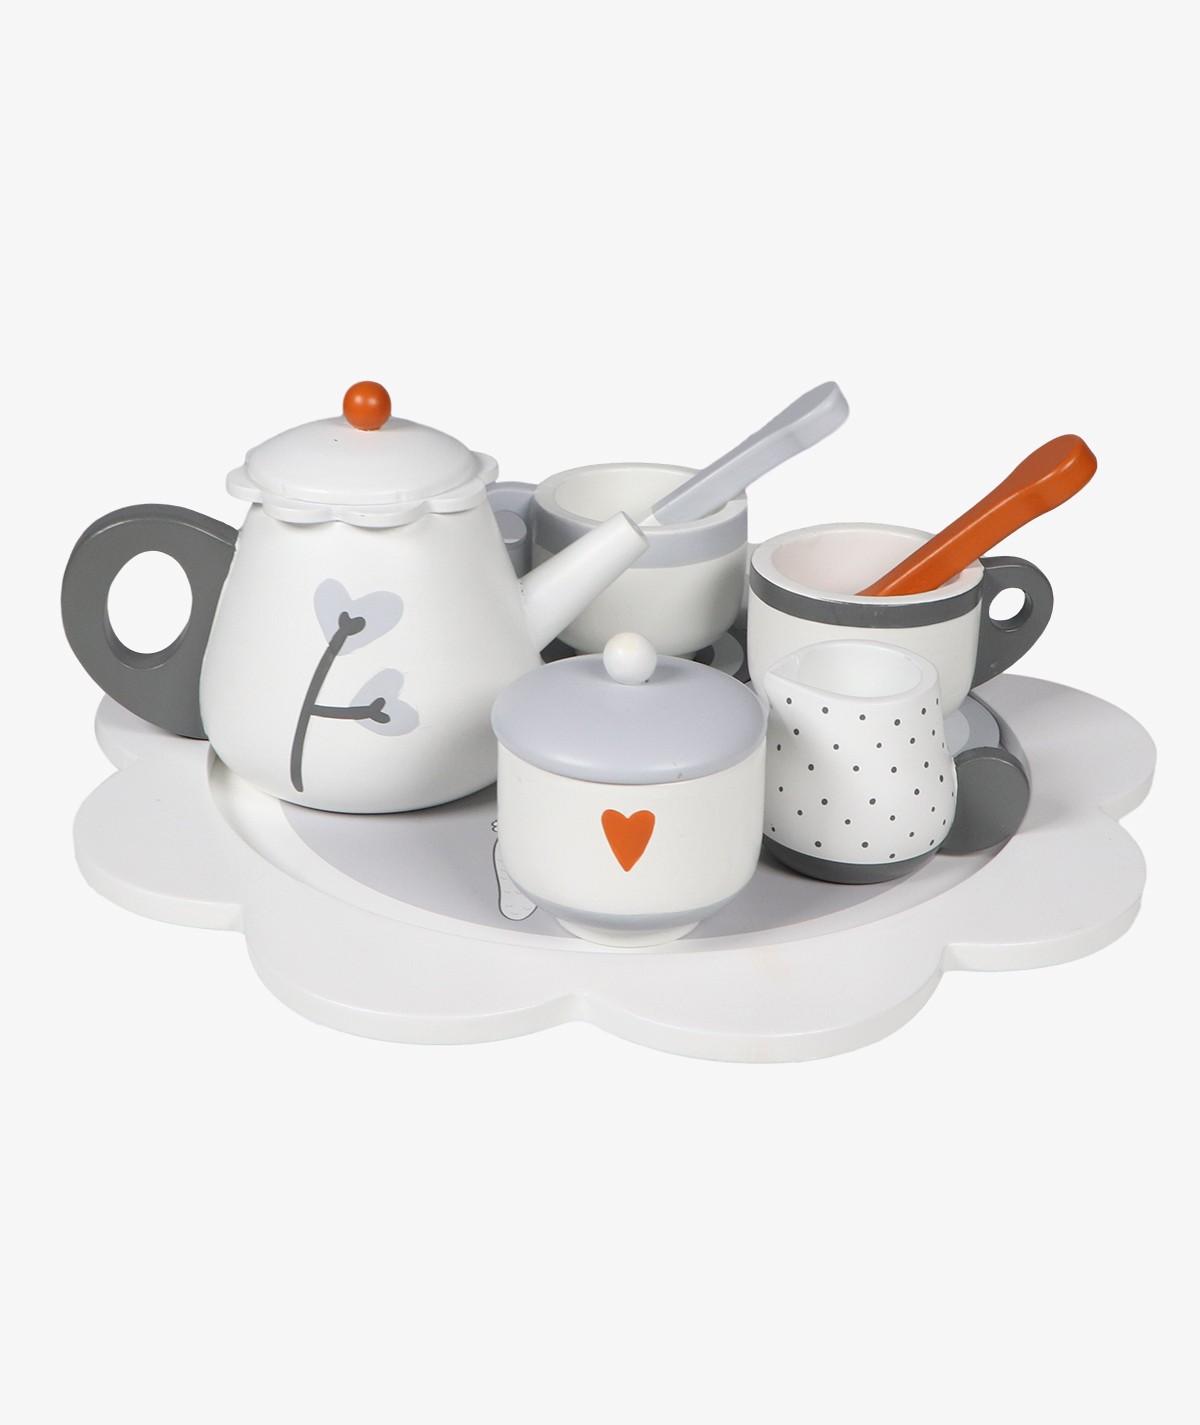 Wooden Tea Set Toy